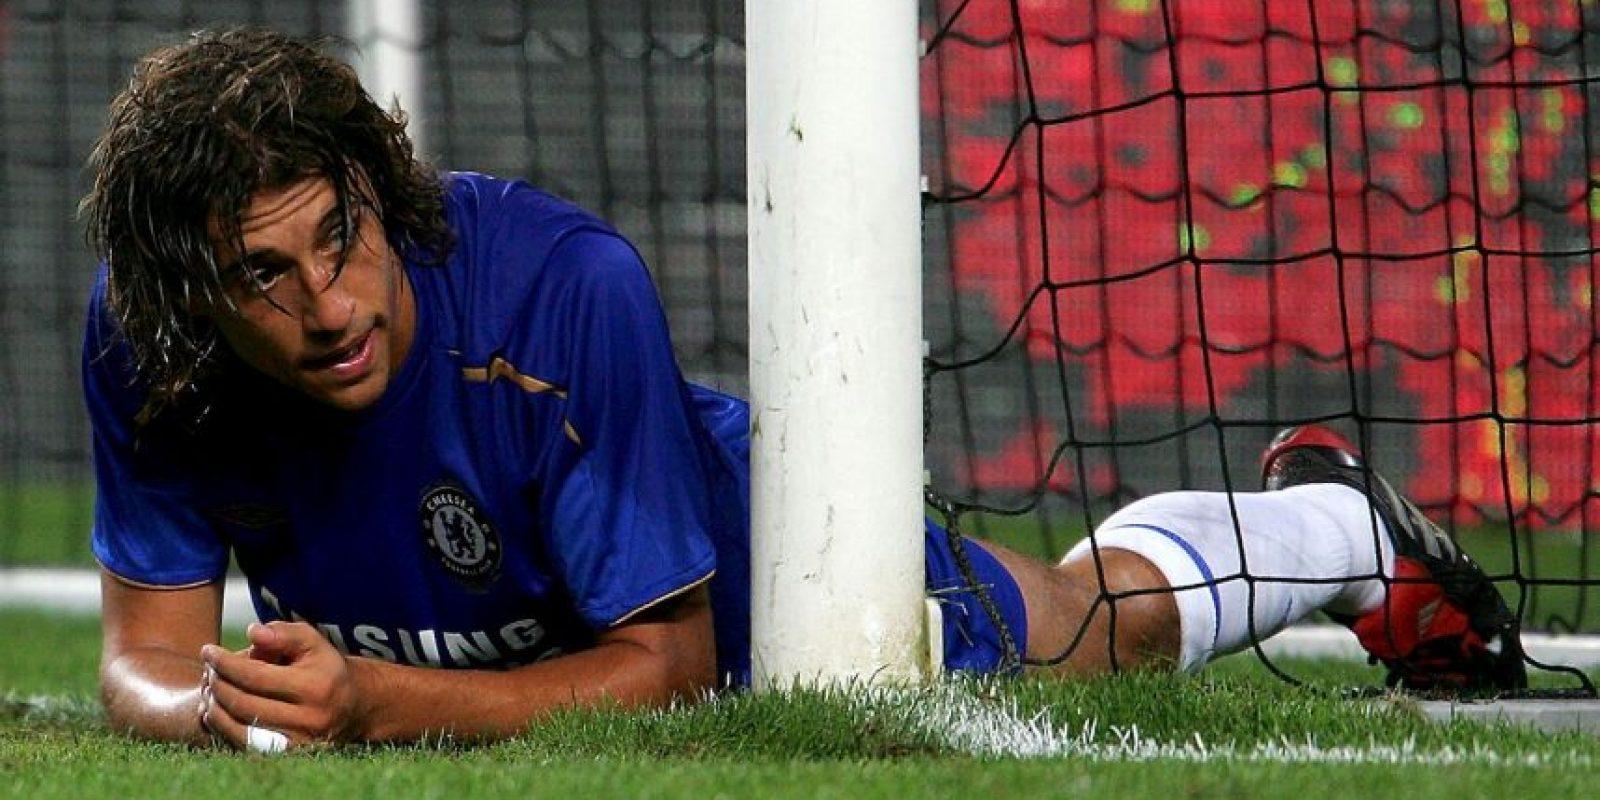 El delantero argentino llegó con el AC Milán la final de la Champions League en la temporada 2004-2005 tras caer en semifinales en las dos ediciones anteriores, una con el Inter de Milán y otra con el Chelsea. En el duelo definitivo en Estambul, Crespo marcó dos goles en el primer tiempo que terminó con un 3-0 a favor de su equipo, pero en la parte complementaria todo mundo sabe lo que pasó… Liverpool, su rival, empató el marcador en el segundo tiempo y llevó la definición a los penales, donde se coronó monarca de Europa. Foto:Getty Images